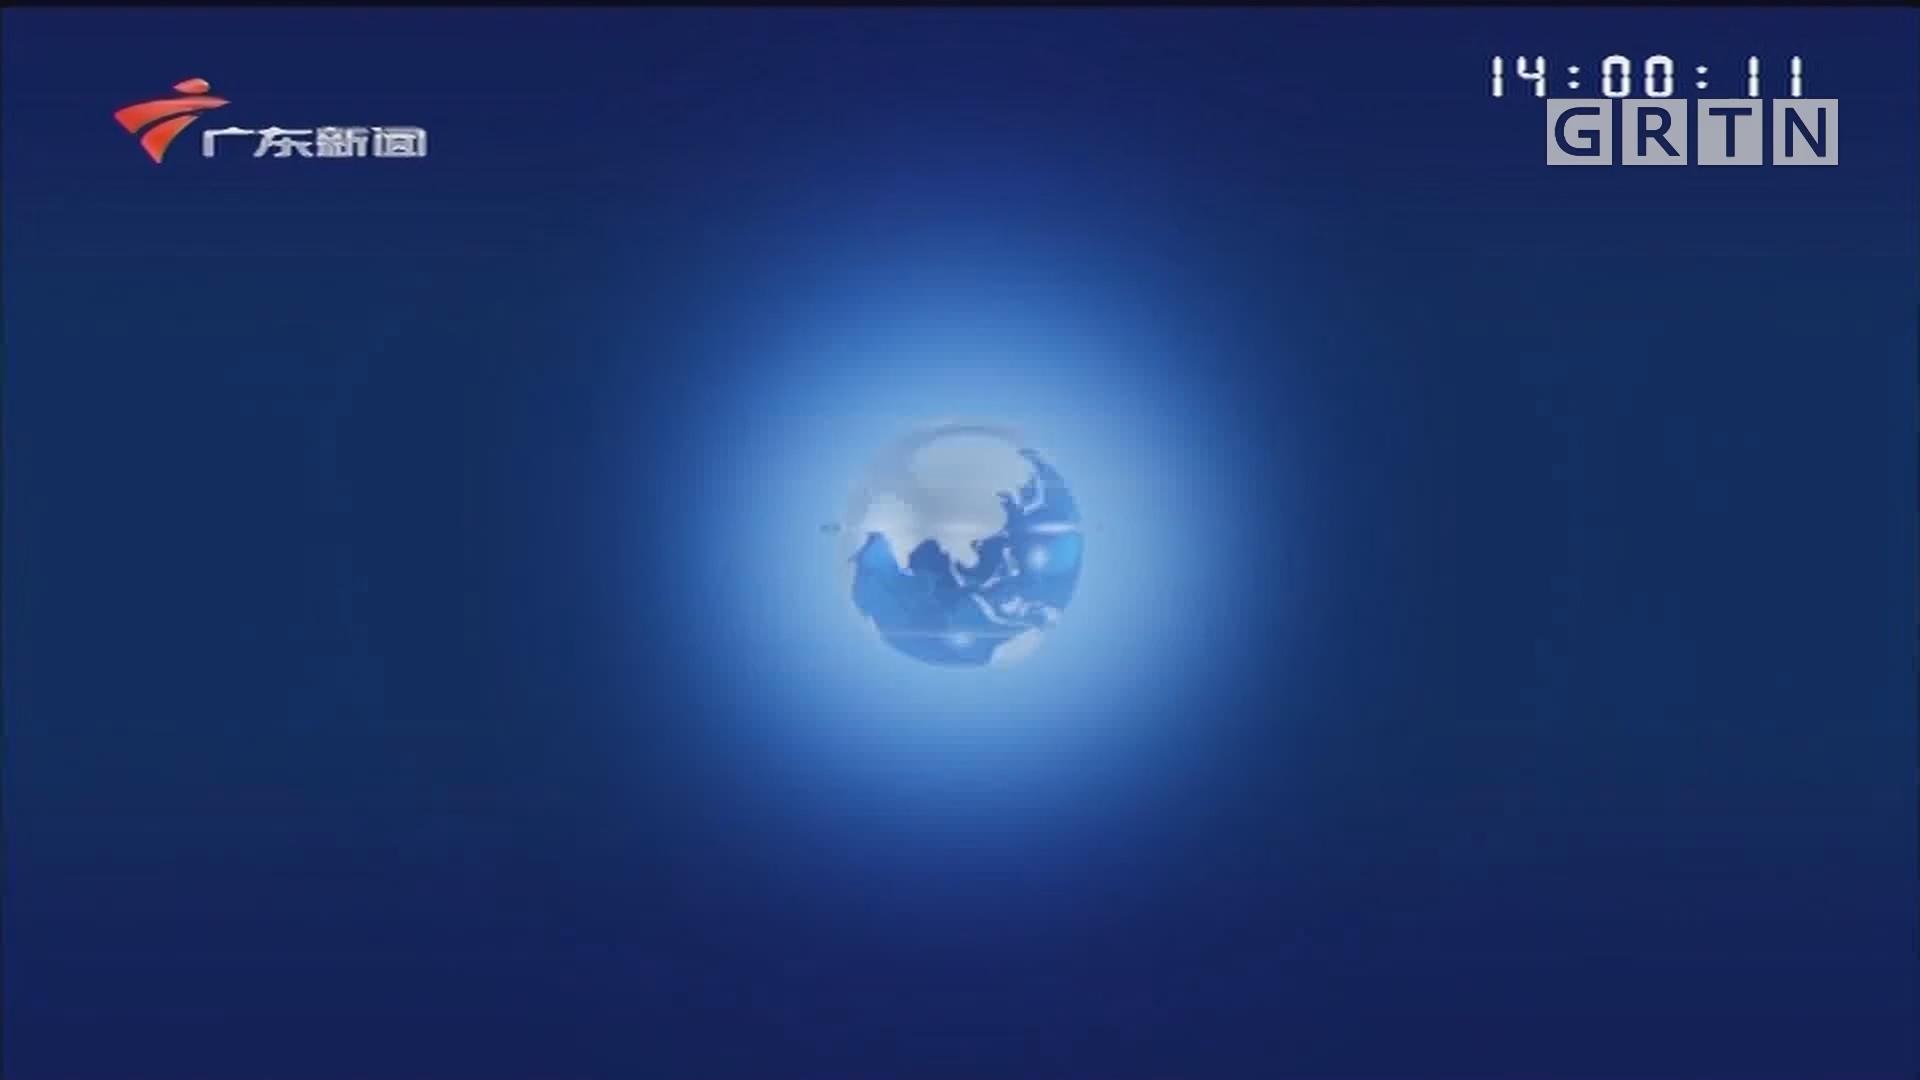 [HD][2020-01-28-14:00]正点播报:抗击新型冠状病毒感染的肺炎疫情 湖北荆州首例患者治愈出院